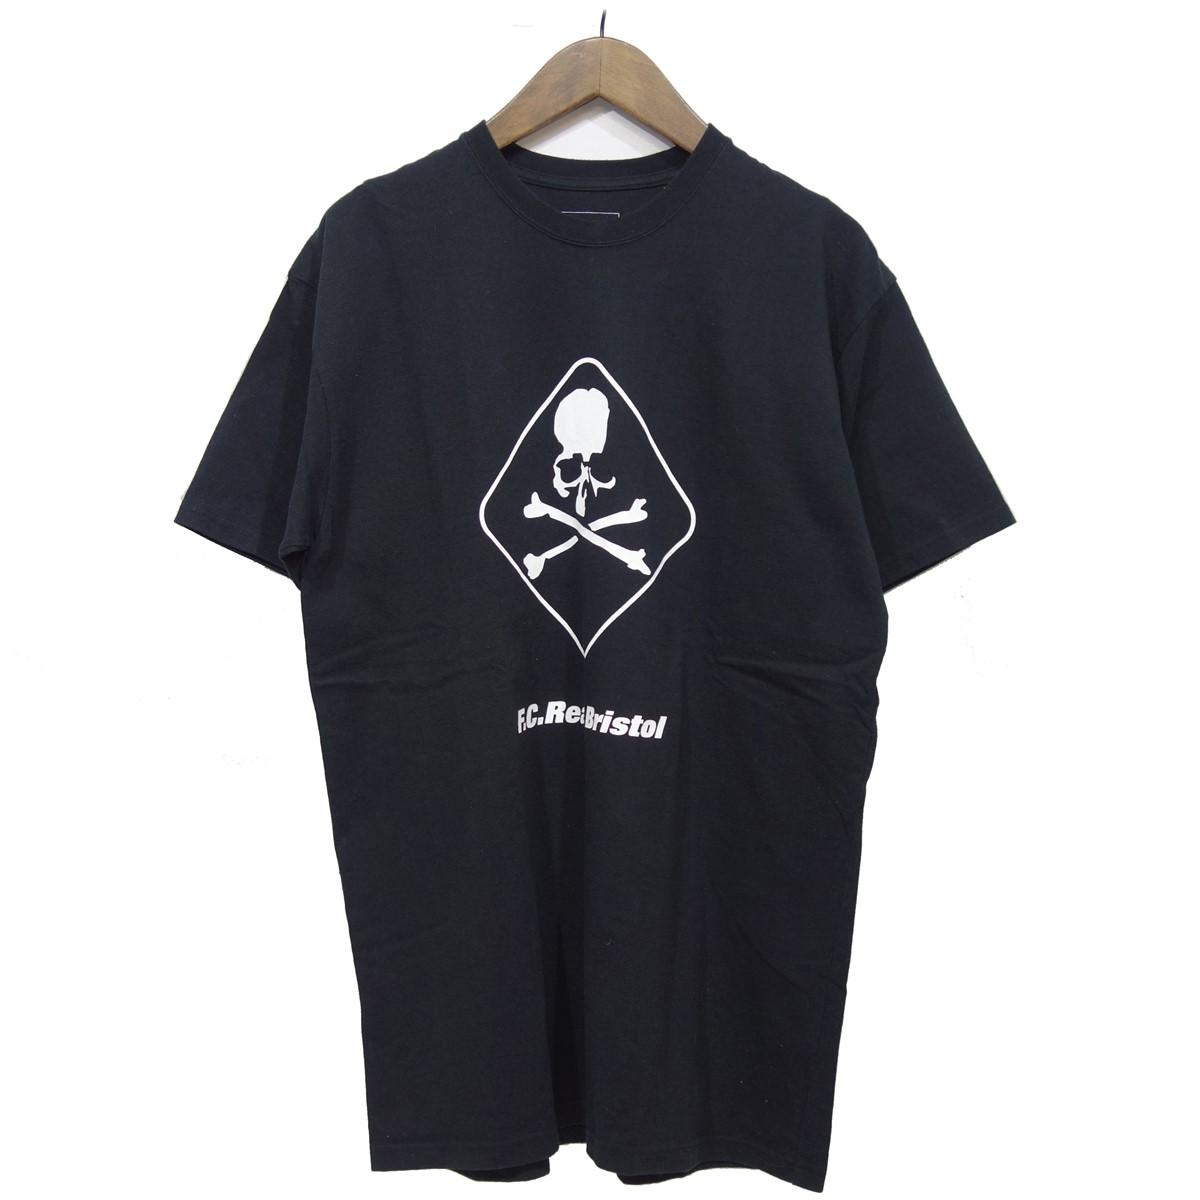 【中古】F.C.R.B. 【2017S/S】 ×mastermind JAPAN 半袖プリントTシャツ ブラック サイズ:XL 【060320】(エフシーアールビー)